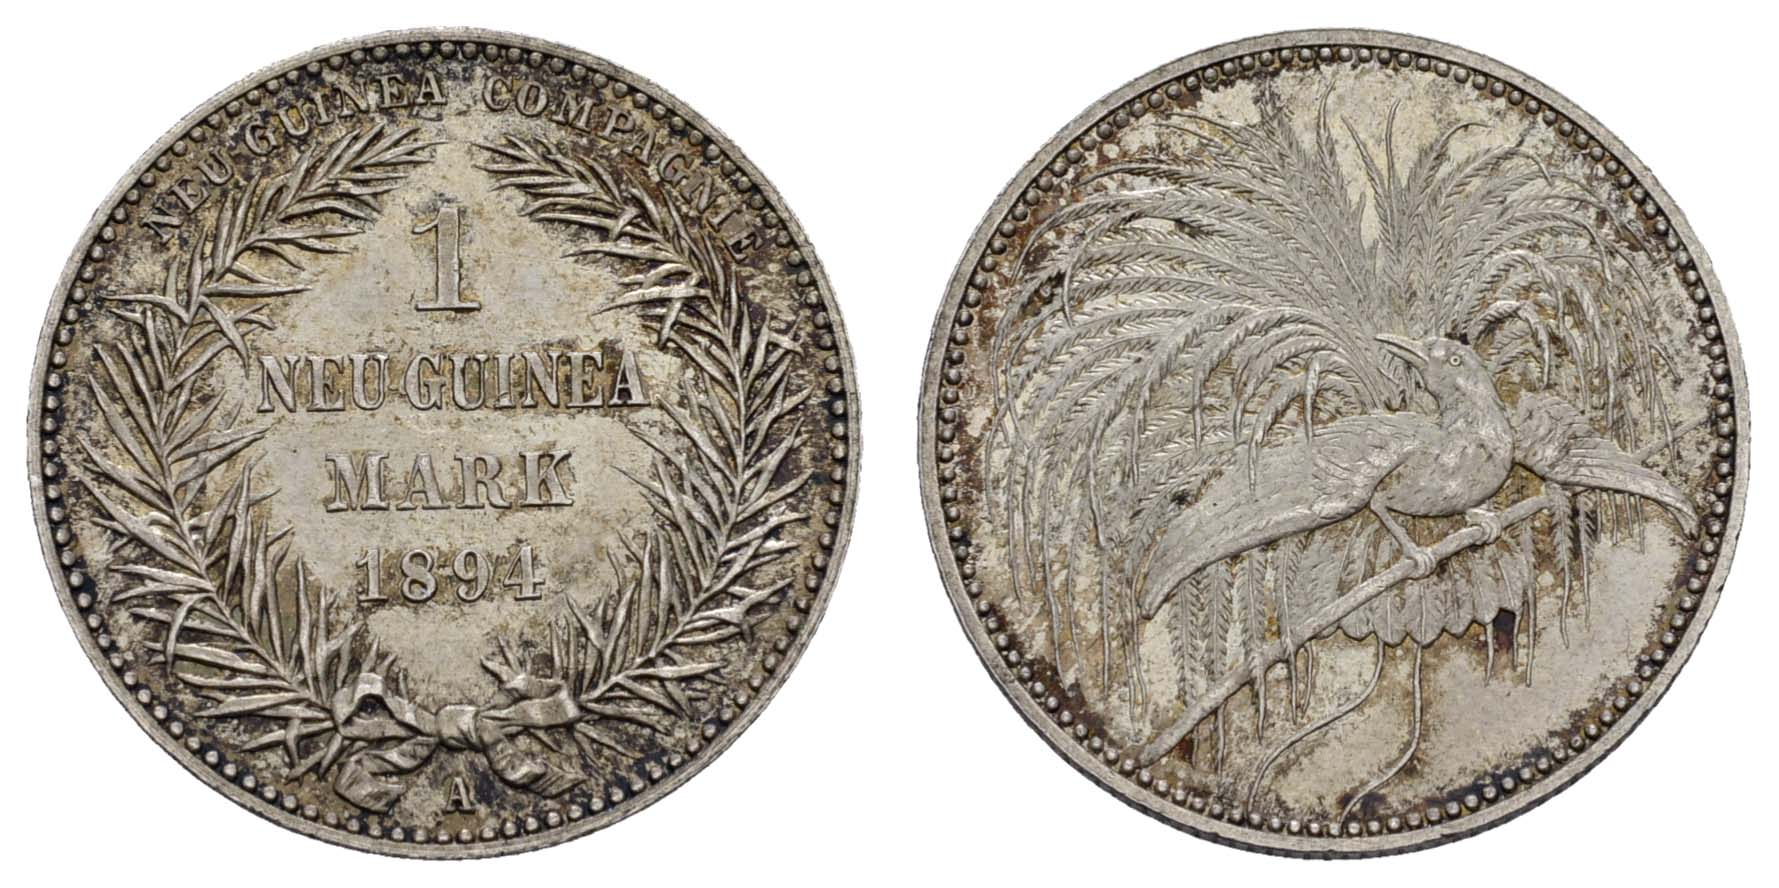 Lot 1096 - deutschland Nebengebiete - Deutsch-Neuguinea -  Auktionshaus Ulrich Felzmann GmbH & Co. KG Coins single lots